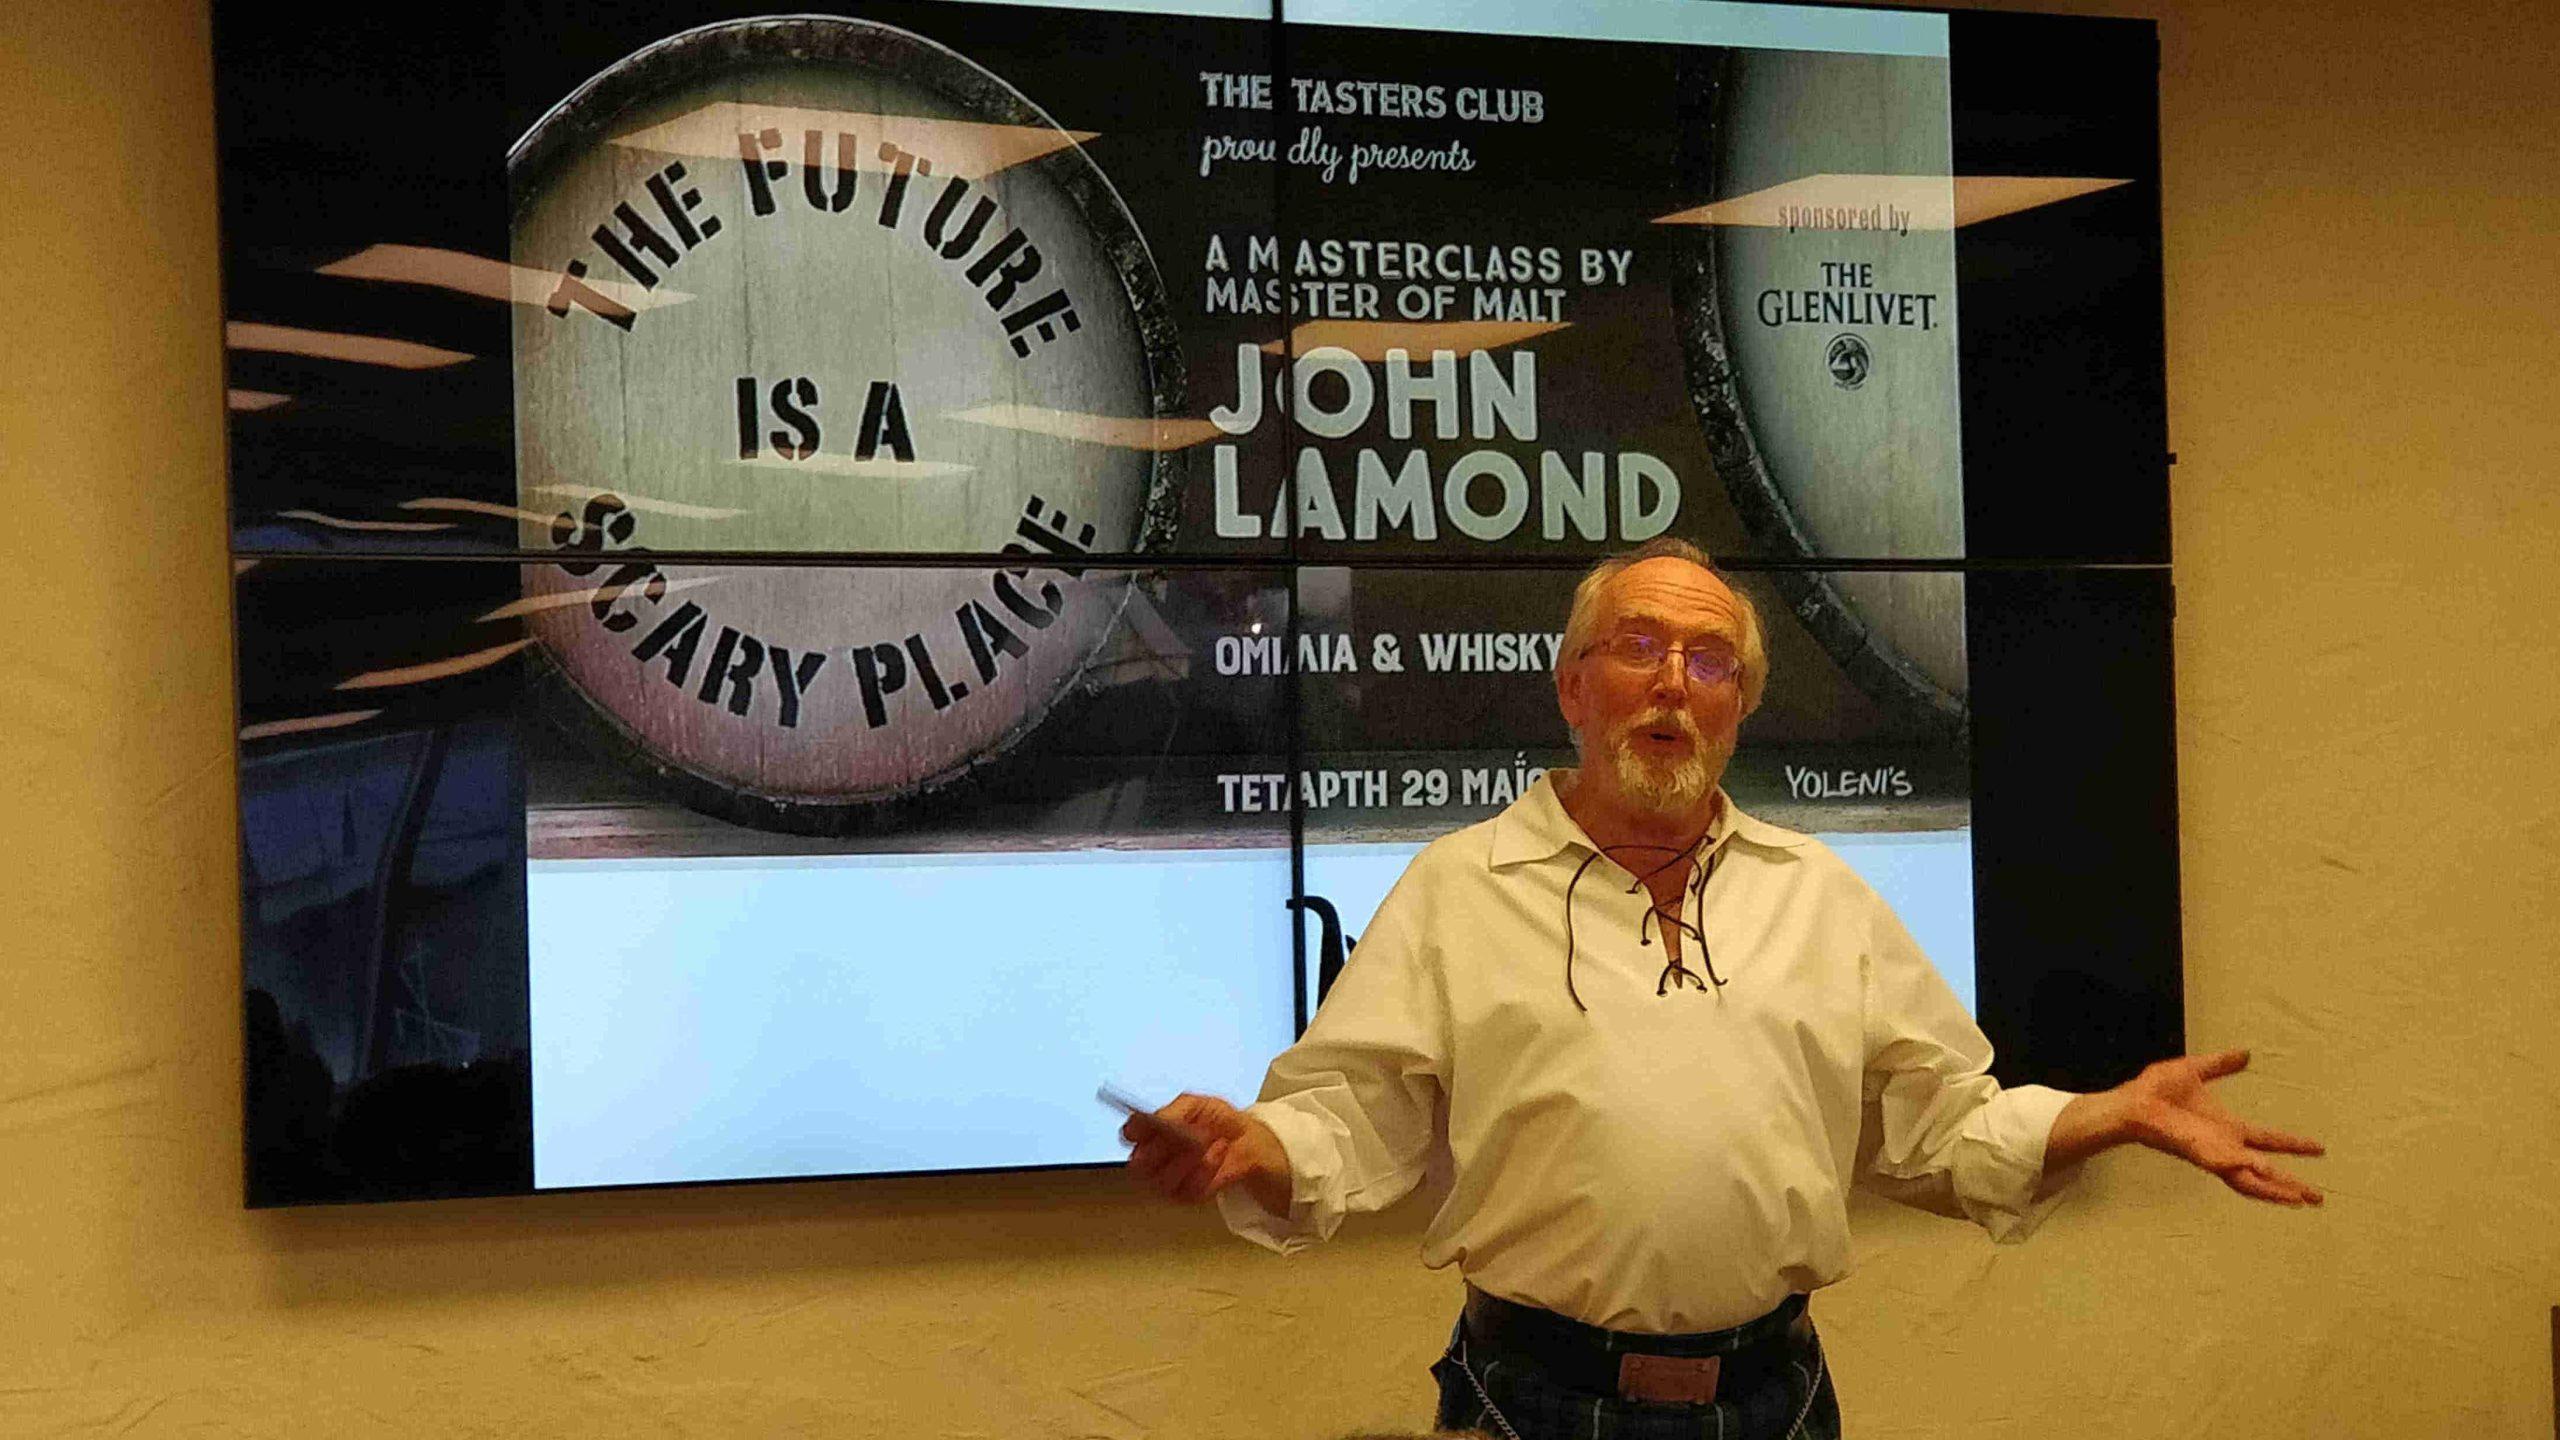 Μια βραδιά με τον John Lamond και το Taster's Club